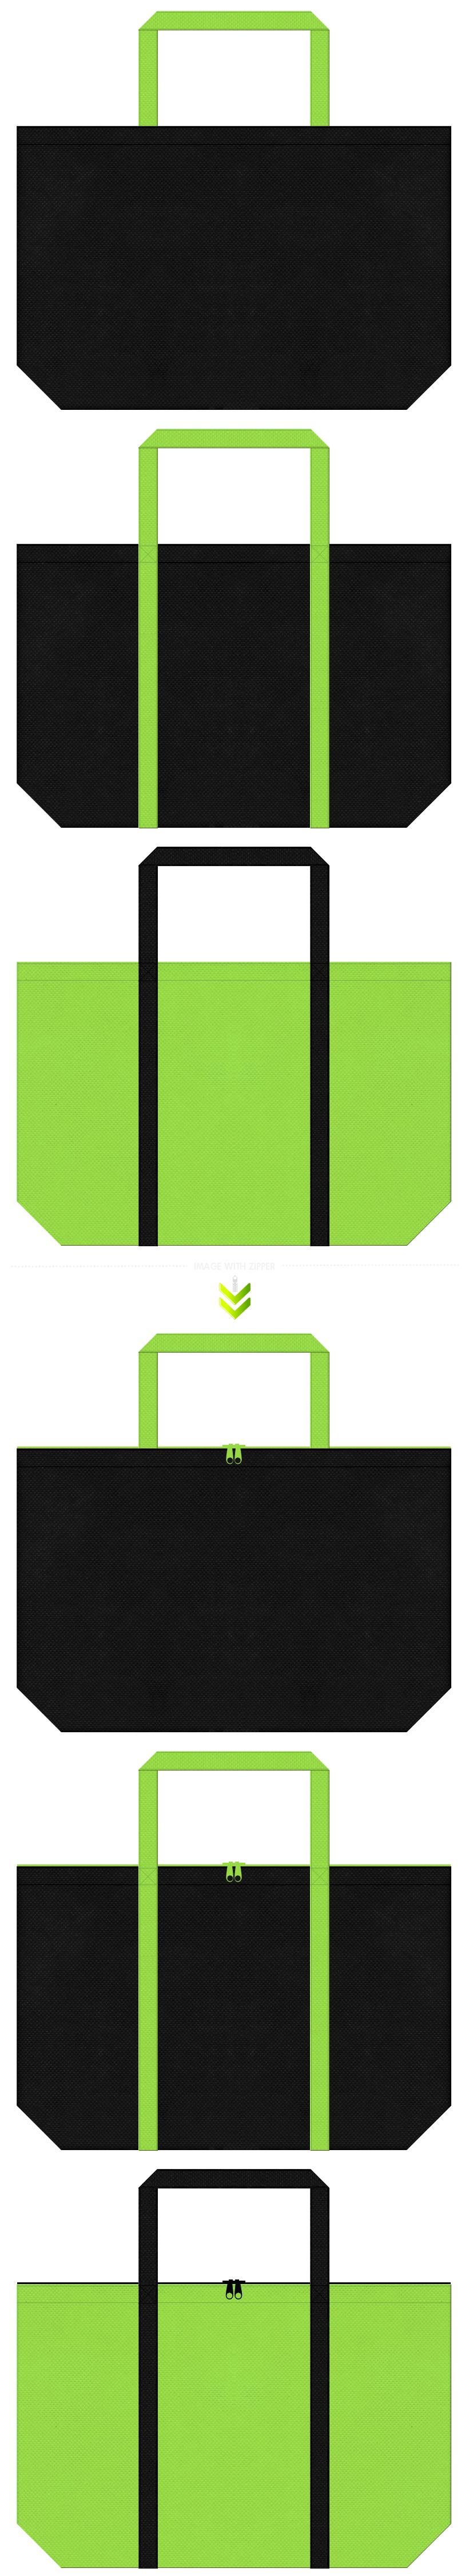 ユニフォーム・運動靴・アウトドアイベント・スポーツバッグ・ランドリーバッグにお奨めの不織布バッグデザイン:黒色と黄緑色のコーデ